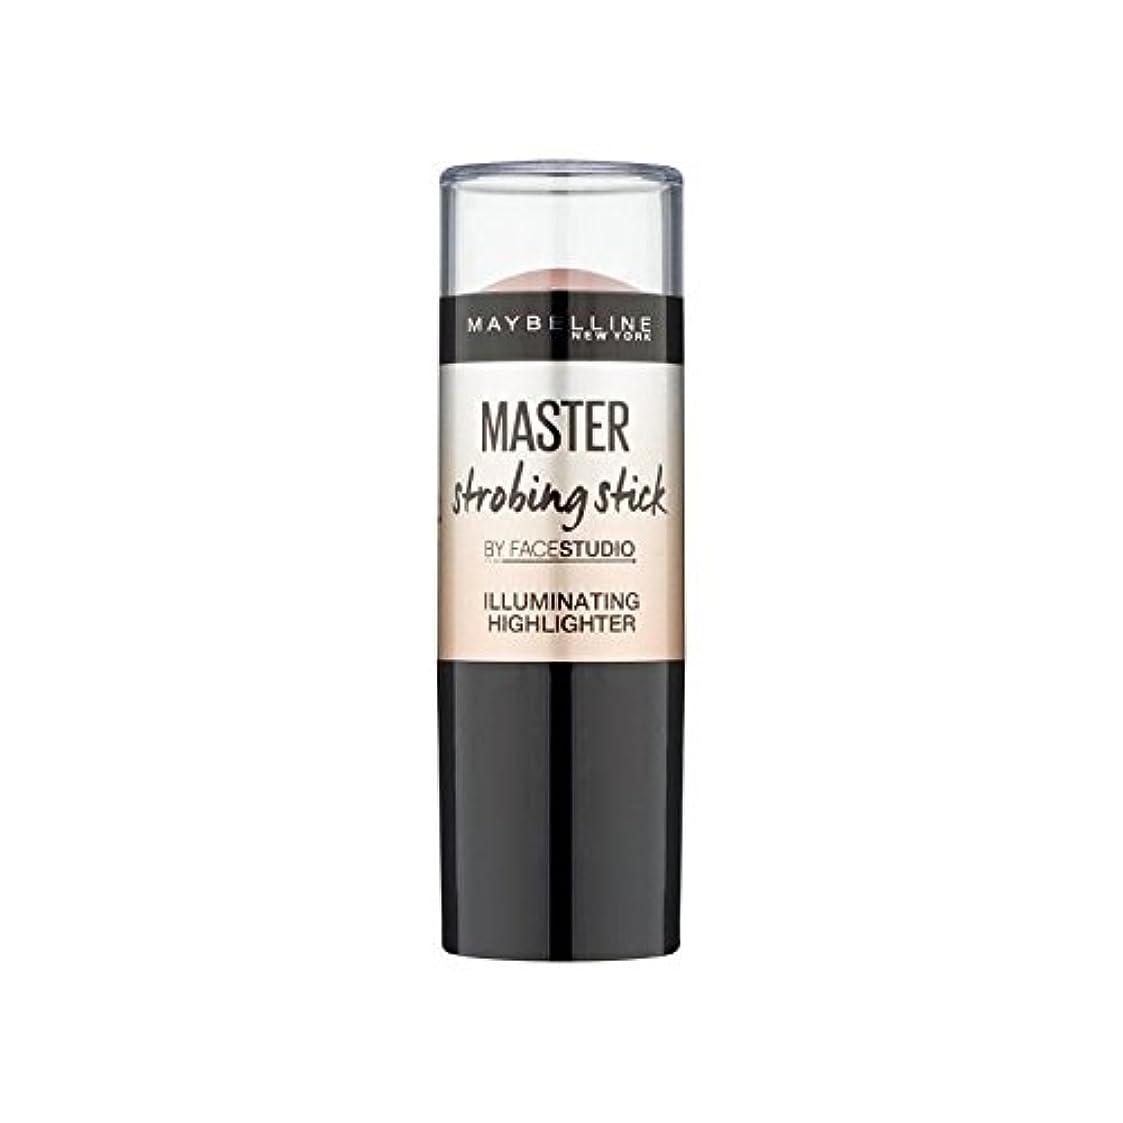 事独裁者ピックメイベリンマスターストロボスティックライト x4 - Maybelline Master Strobing Stick Light (Pack of 4) [並行輸入品]